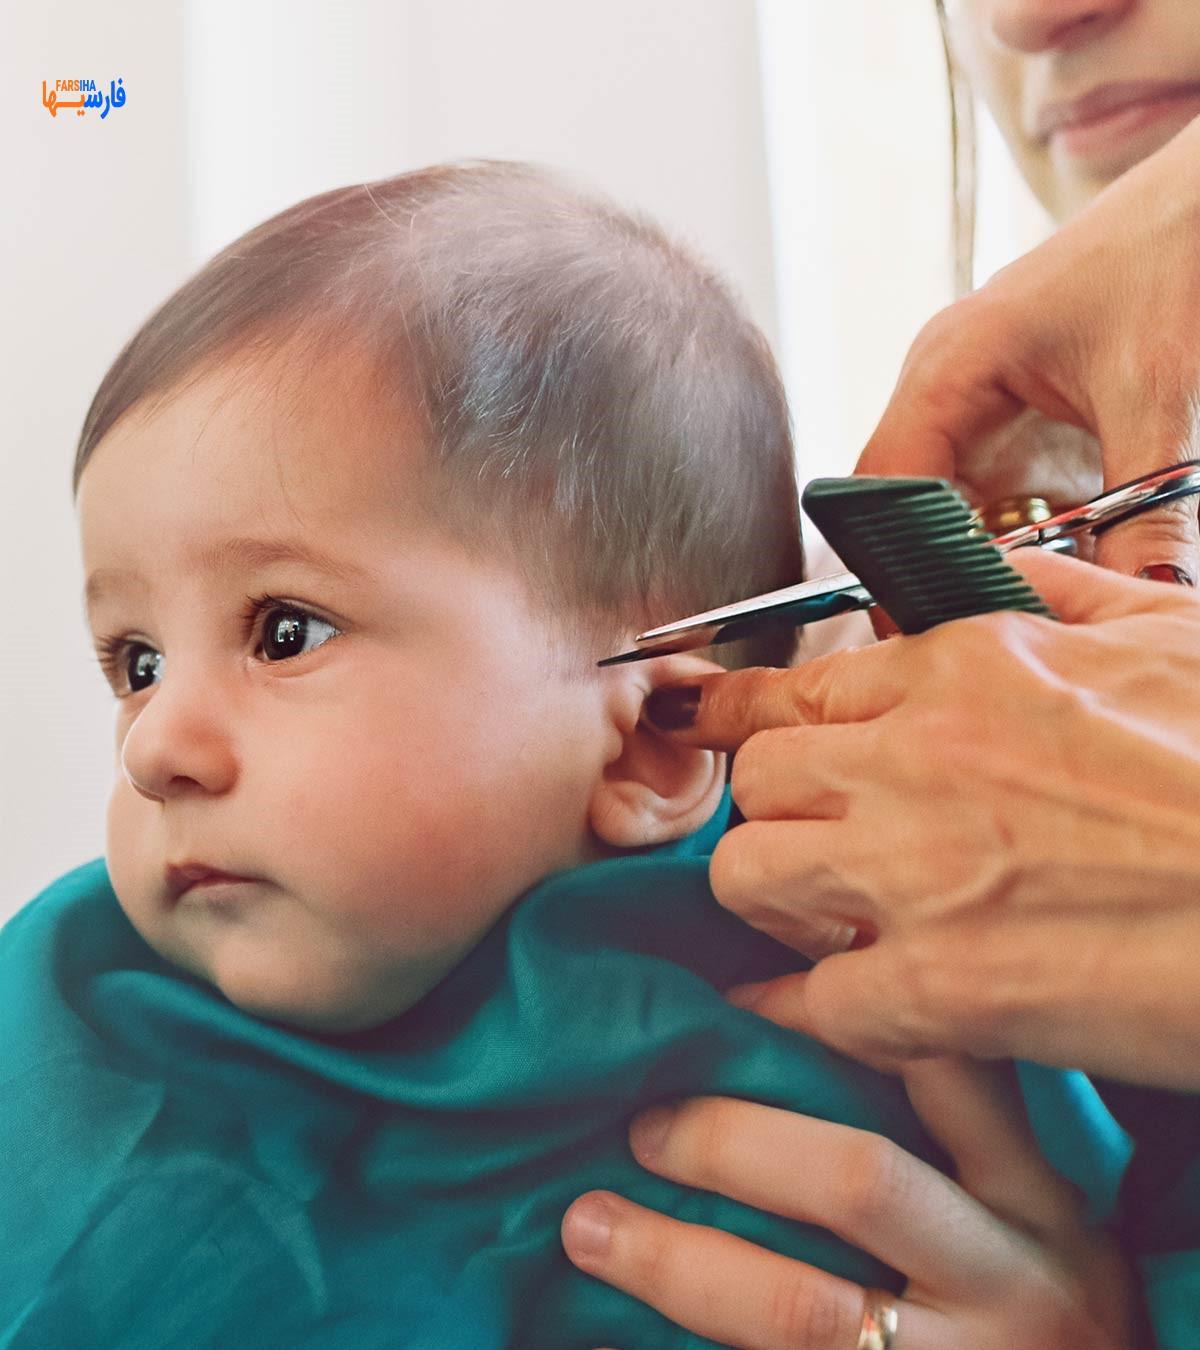 کوتاه کردن مو کودک در خانه